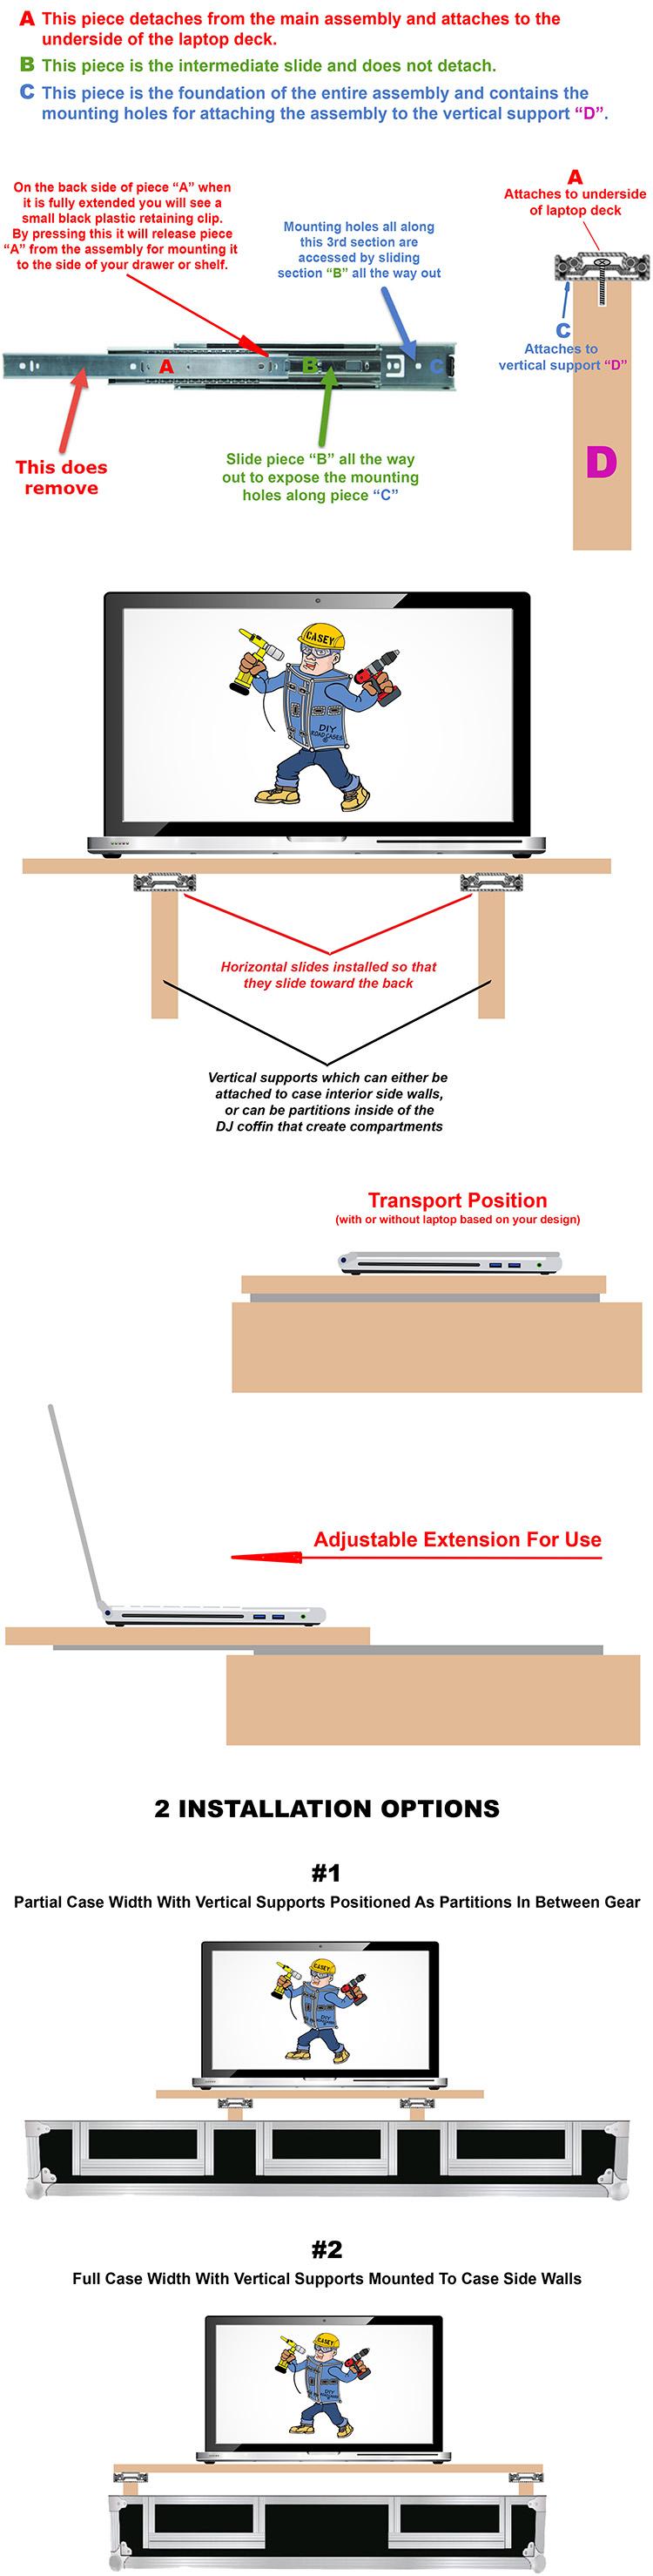 drawer-slide-nomenclatures-for-sliding-laptop-decks.jpg